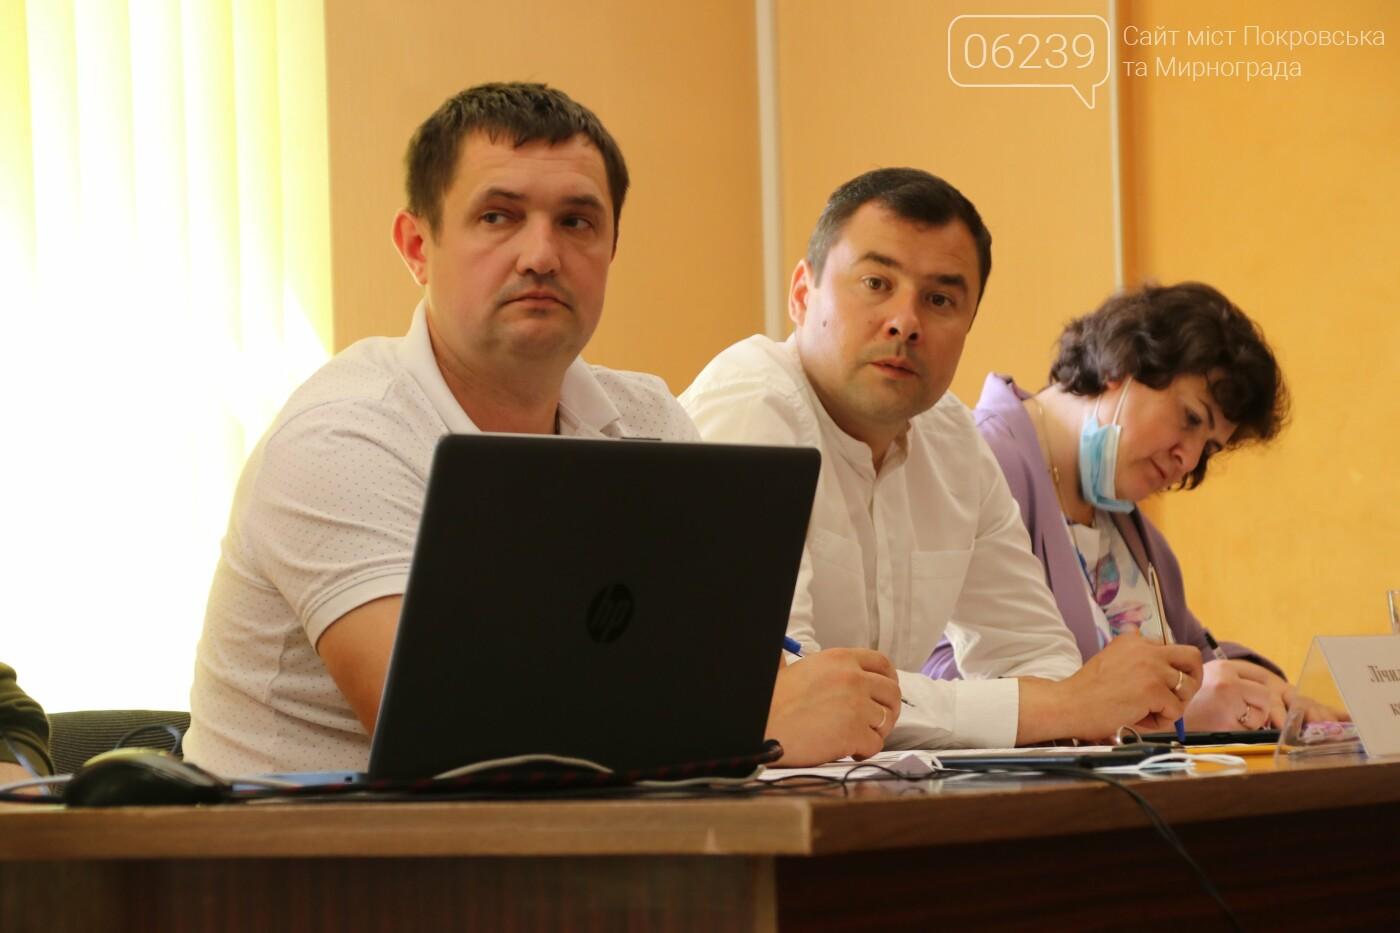 Вопросы благоустройства города и местного бюджета: в Мирнограде состоялась сессия городского совета, фото-11